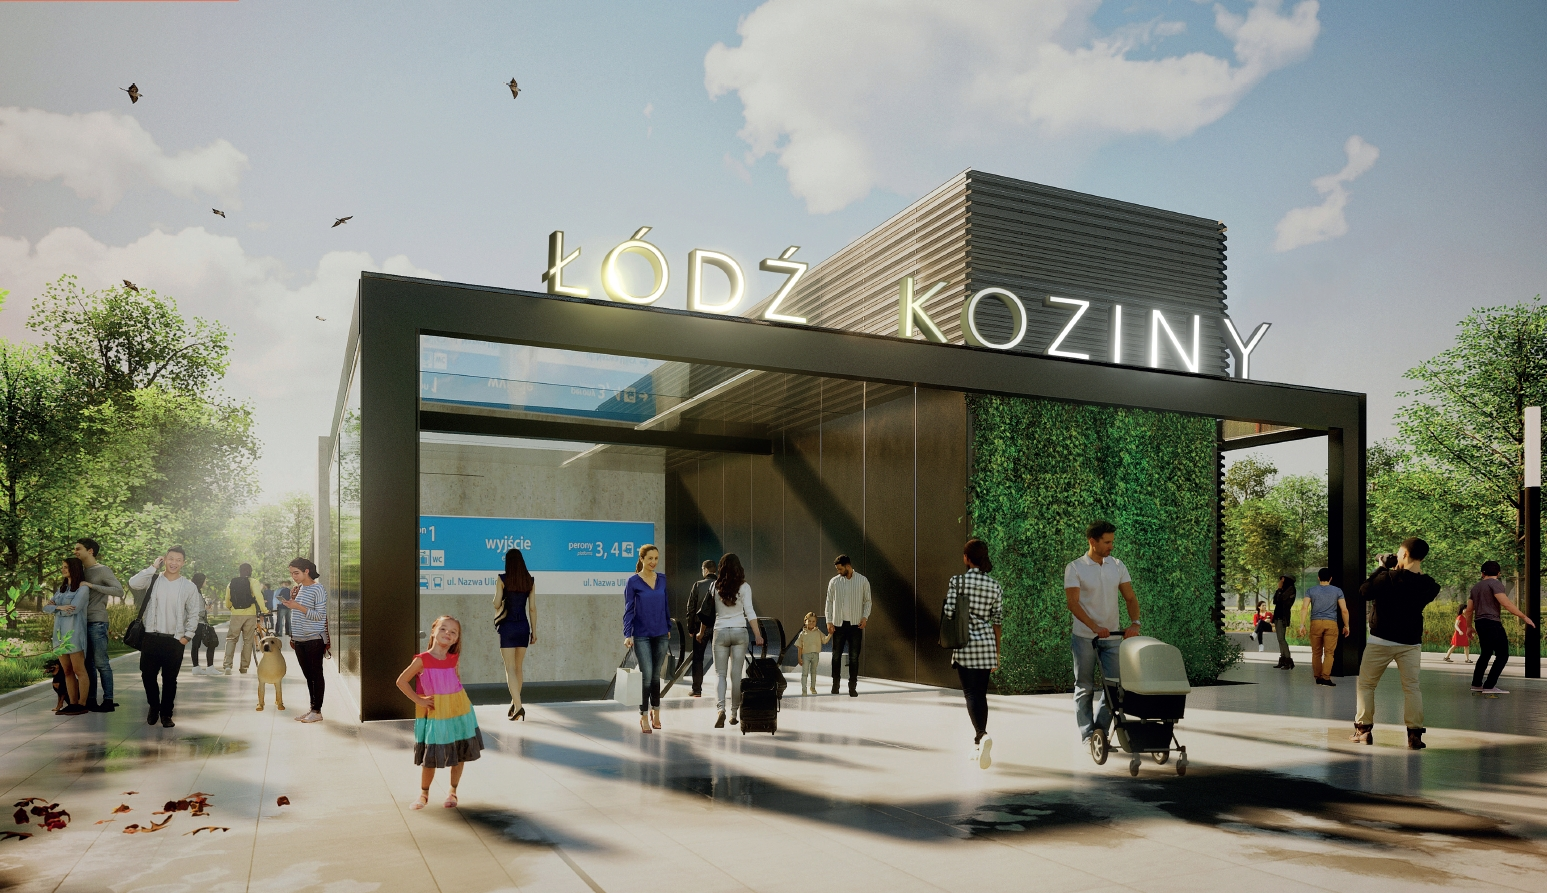 Łódź Koziny